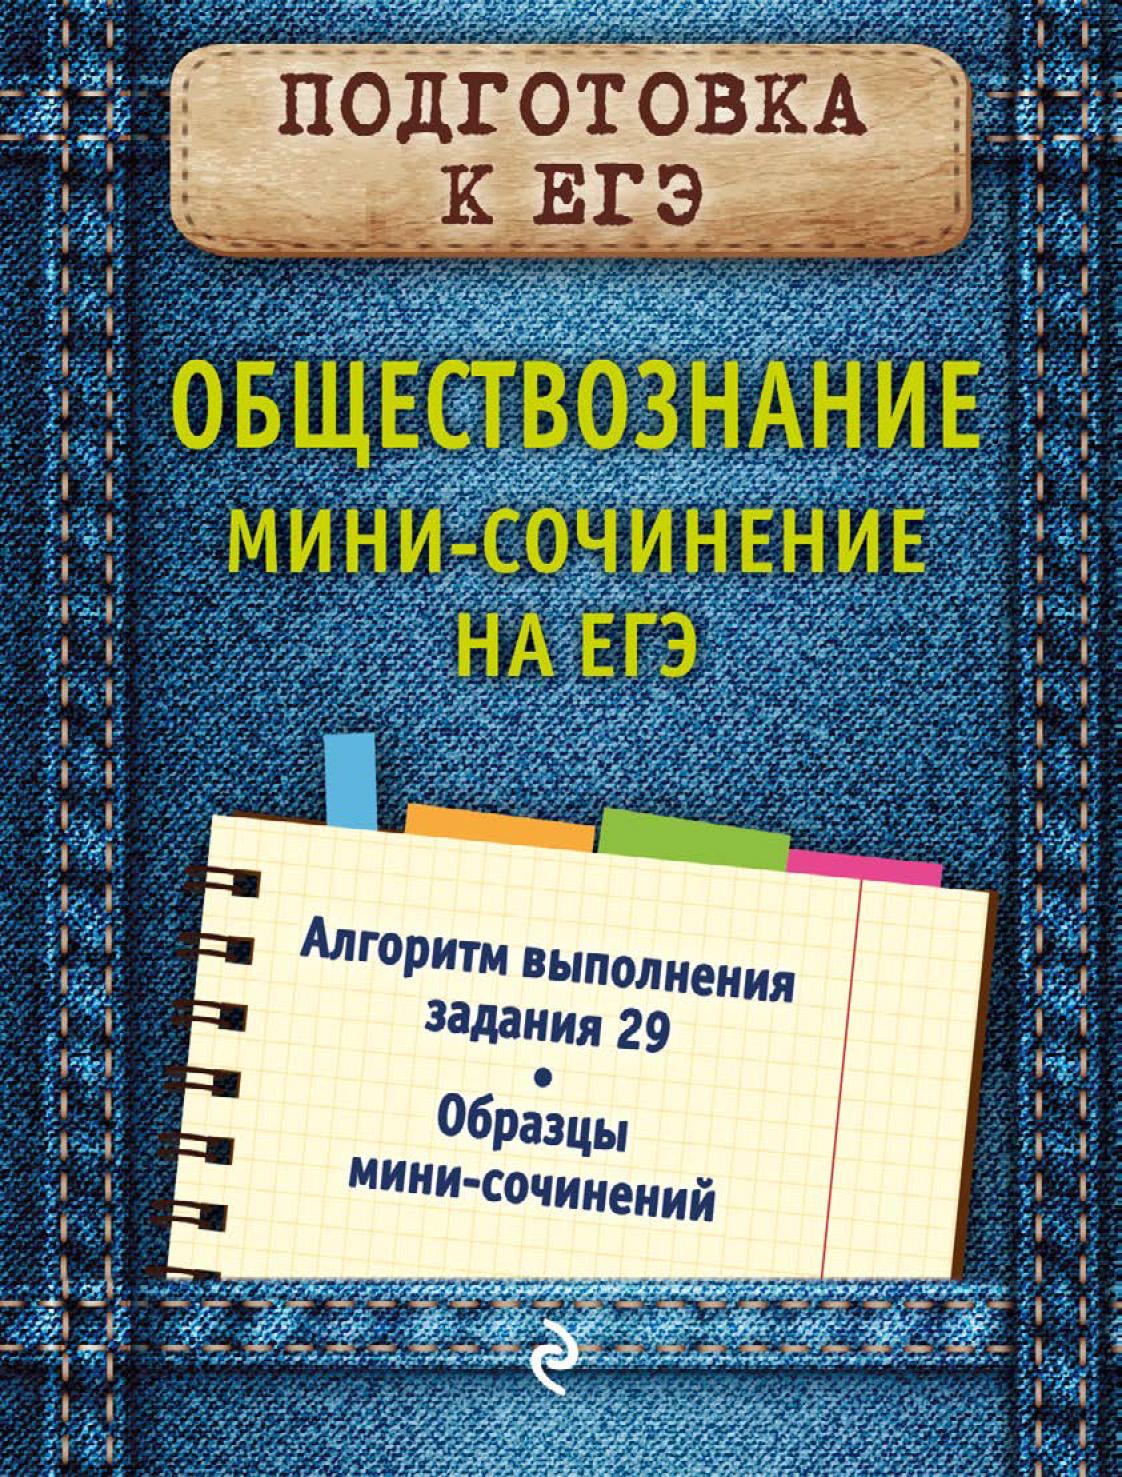 купить О. В. Кишенкова Обществознание. Мини-сочинение на ЕГЭ по цене 129 рублей